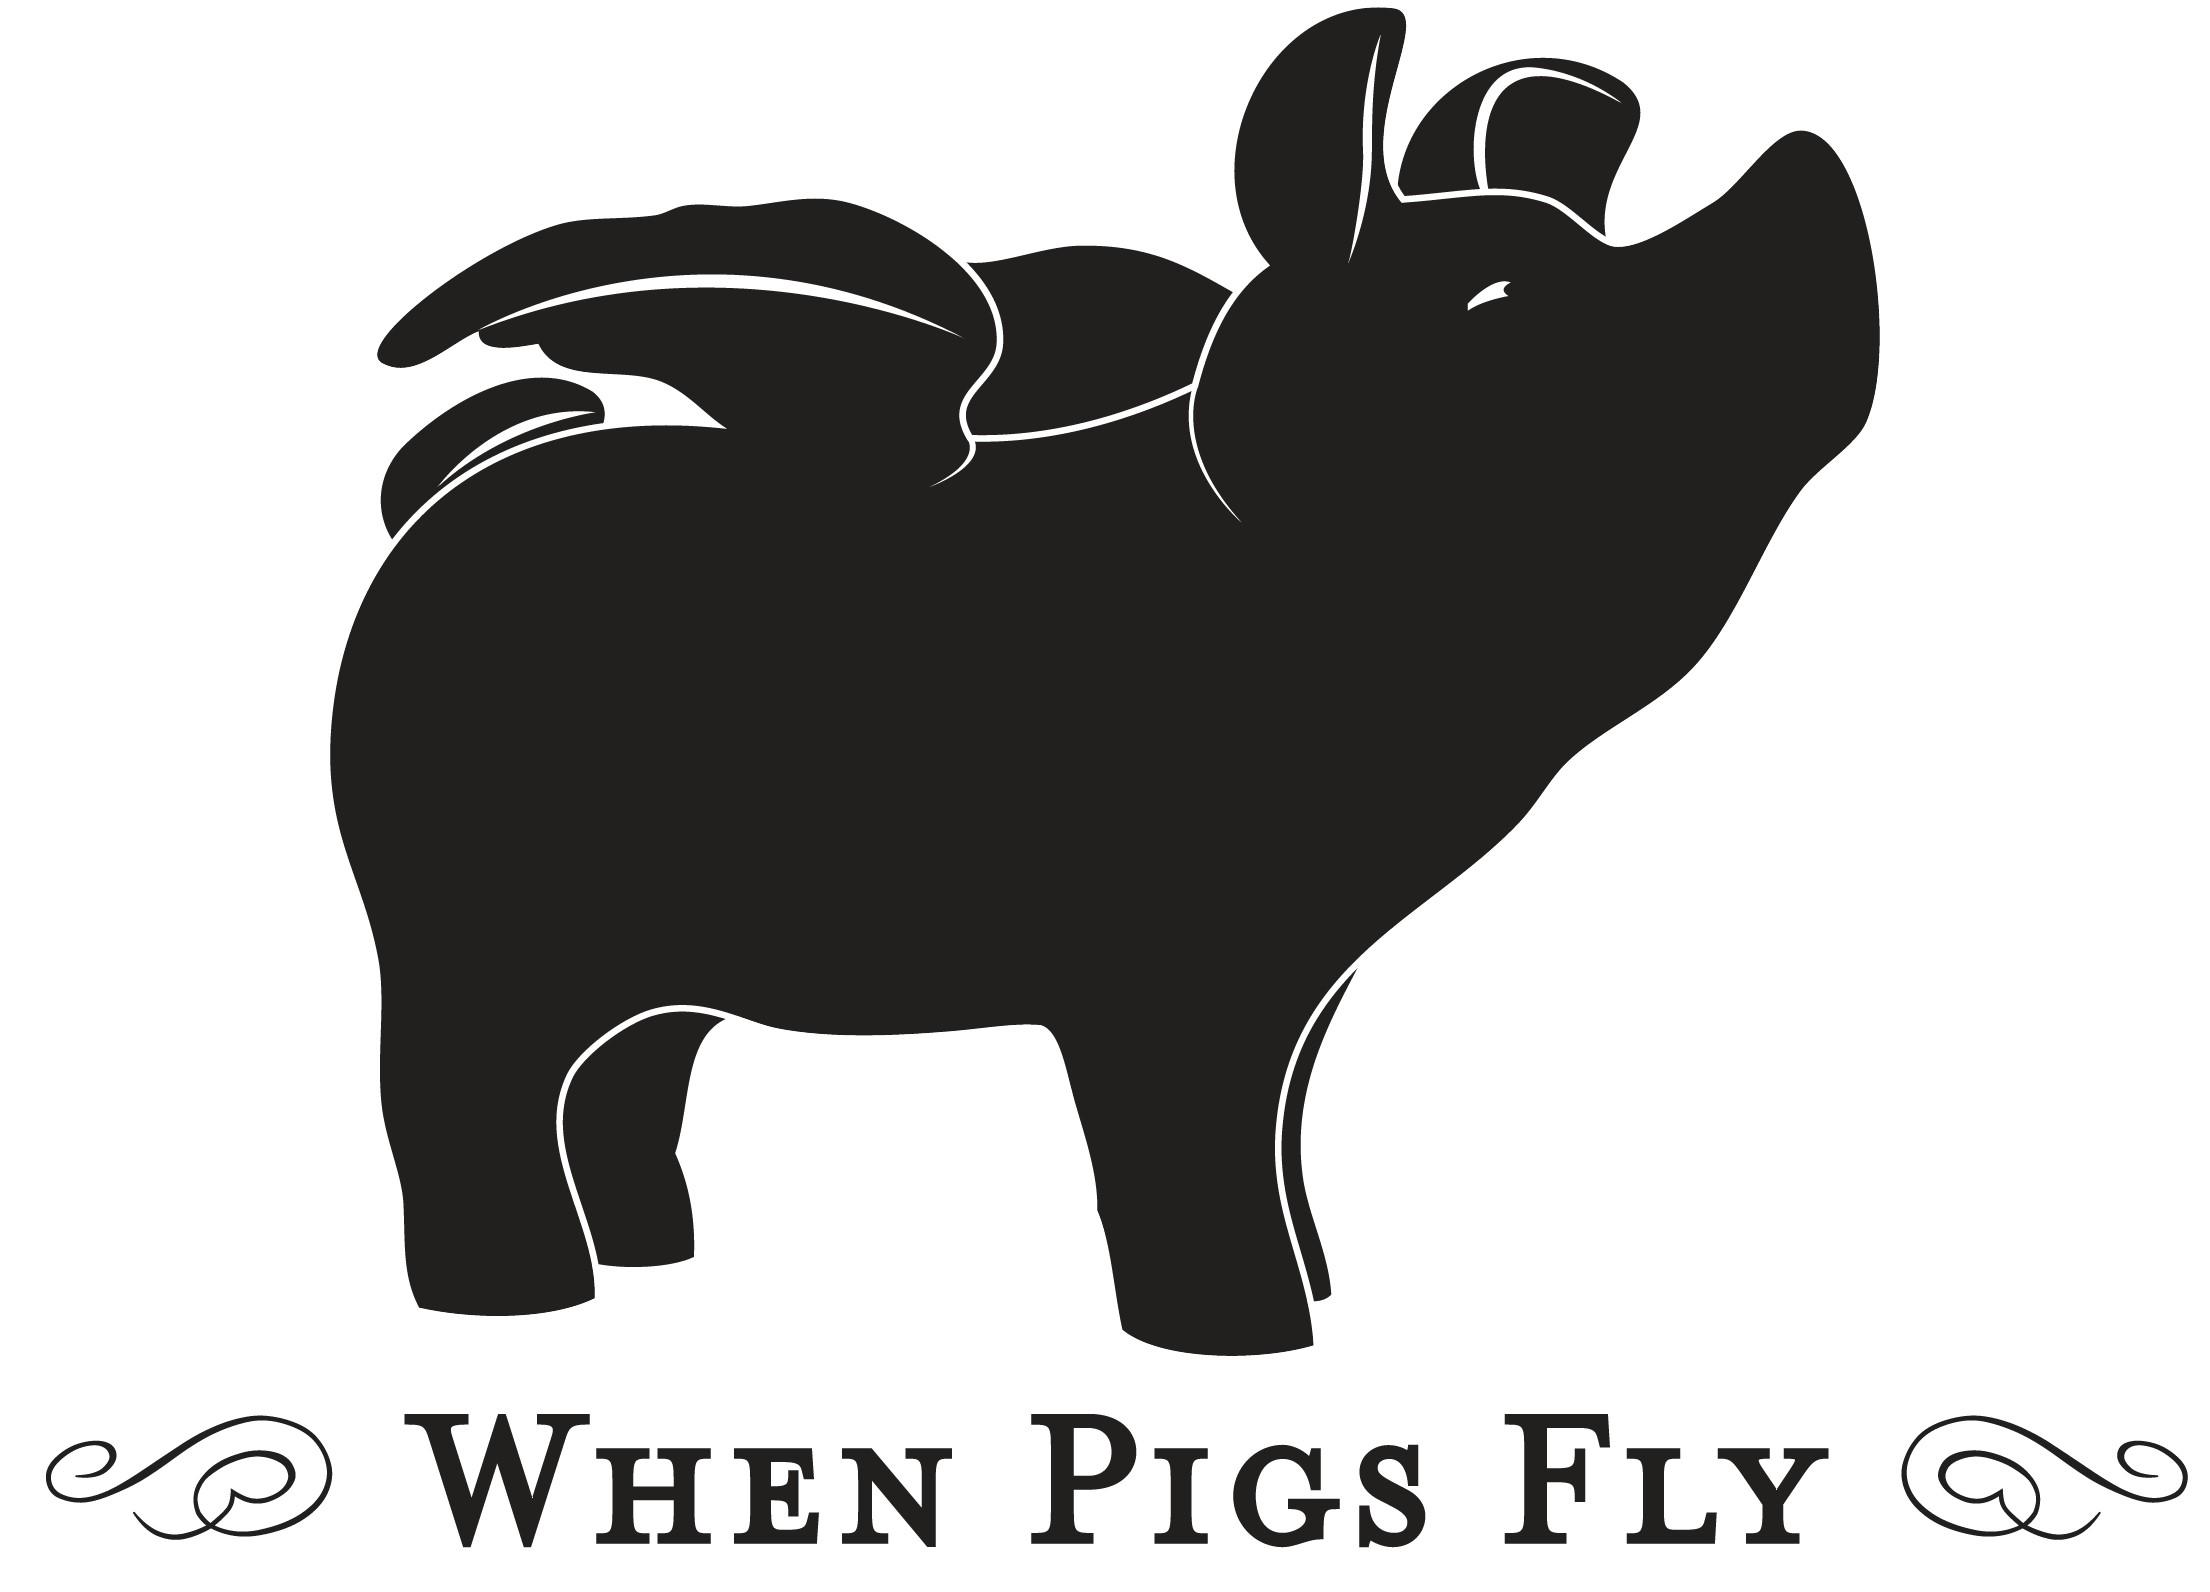 When Pigs Fly Estate Sales - Dallas area